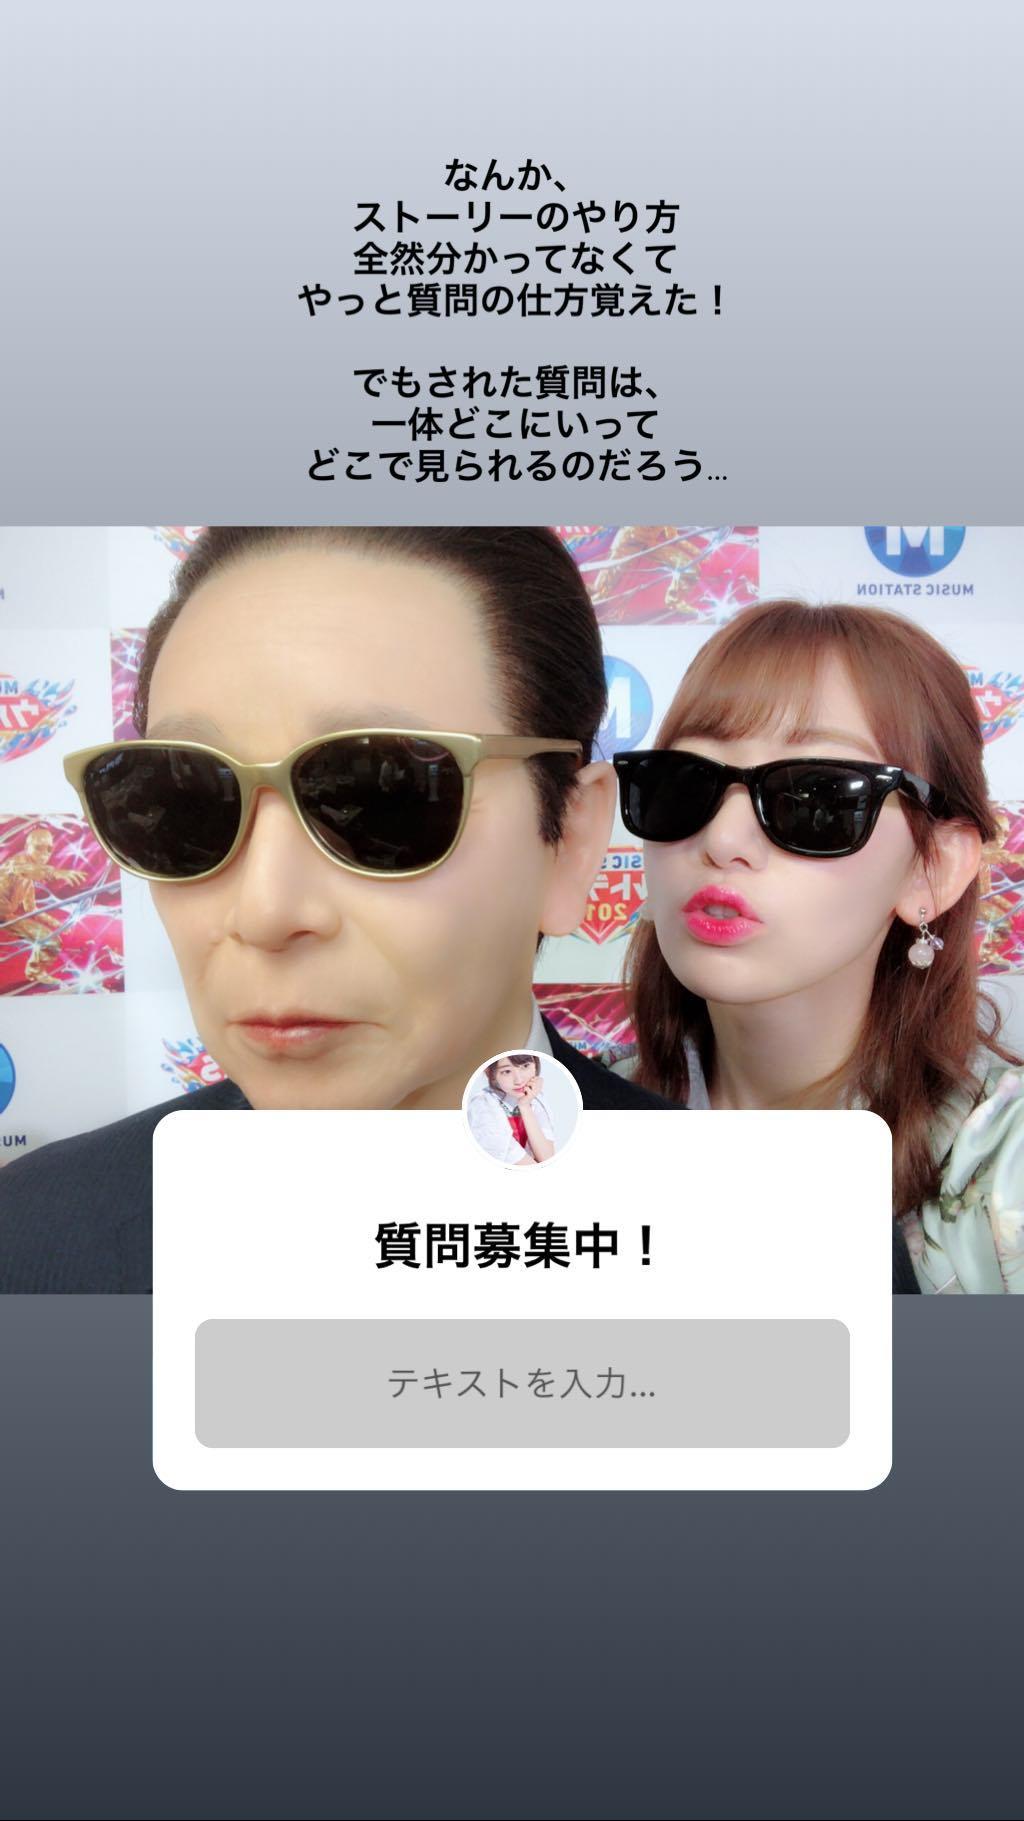 IZ*ONE】宮脇咲良、インスタストーリーでファンの質問に回答